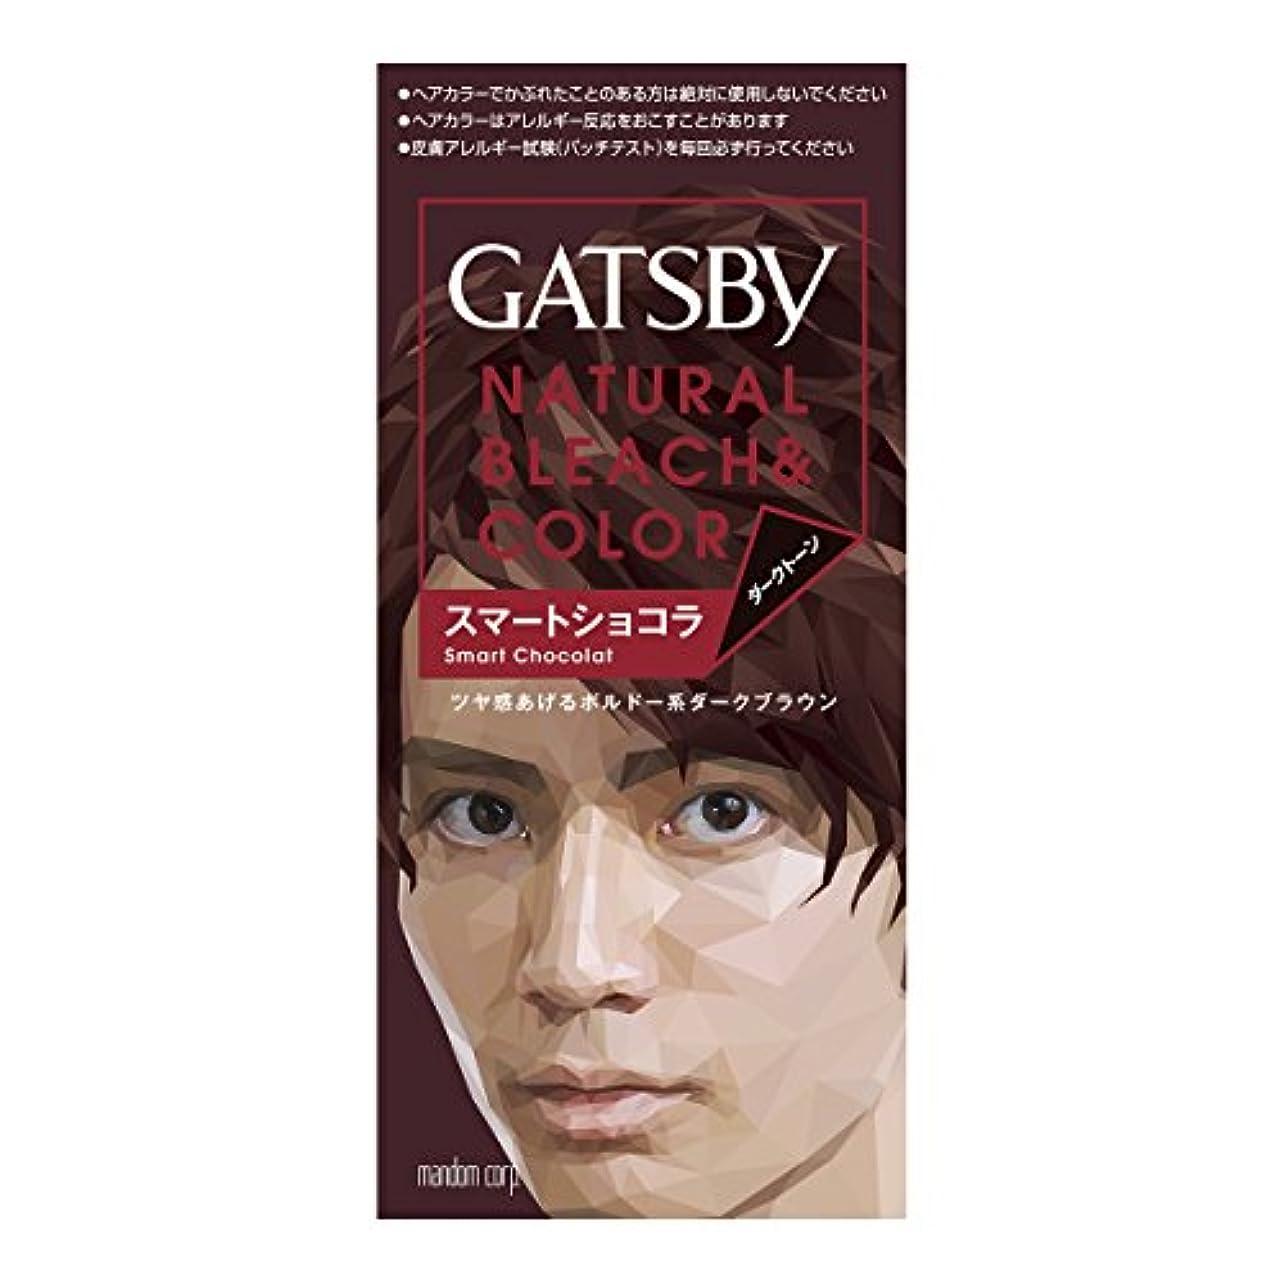 男やもめ明快繊毛ギャツビー ナチュラルブリーチカラー スマートショコラ 35g+70mL (医薬部外品)